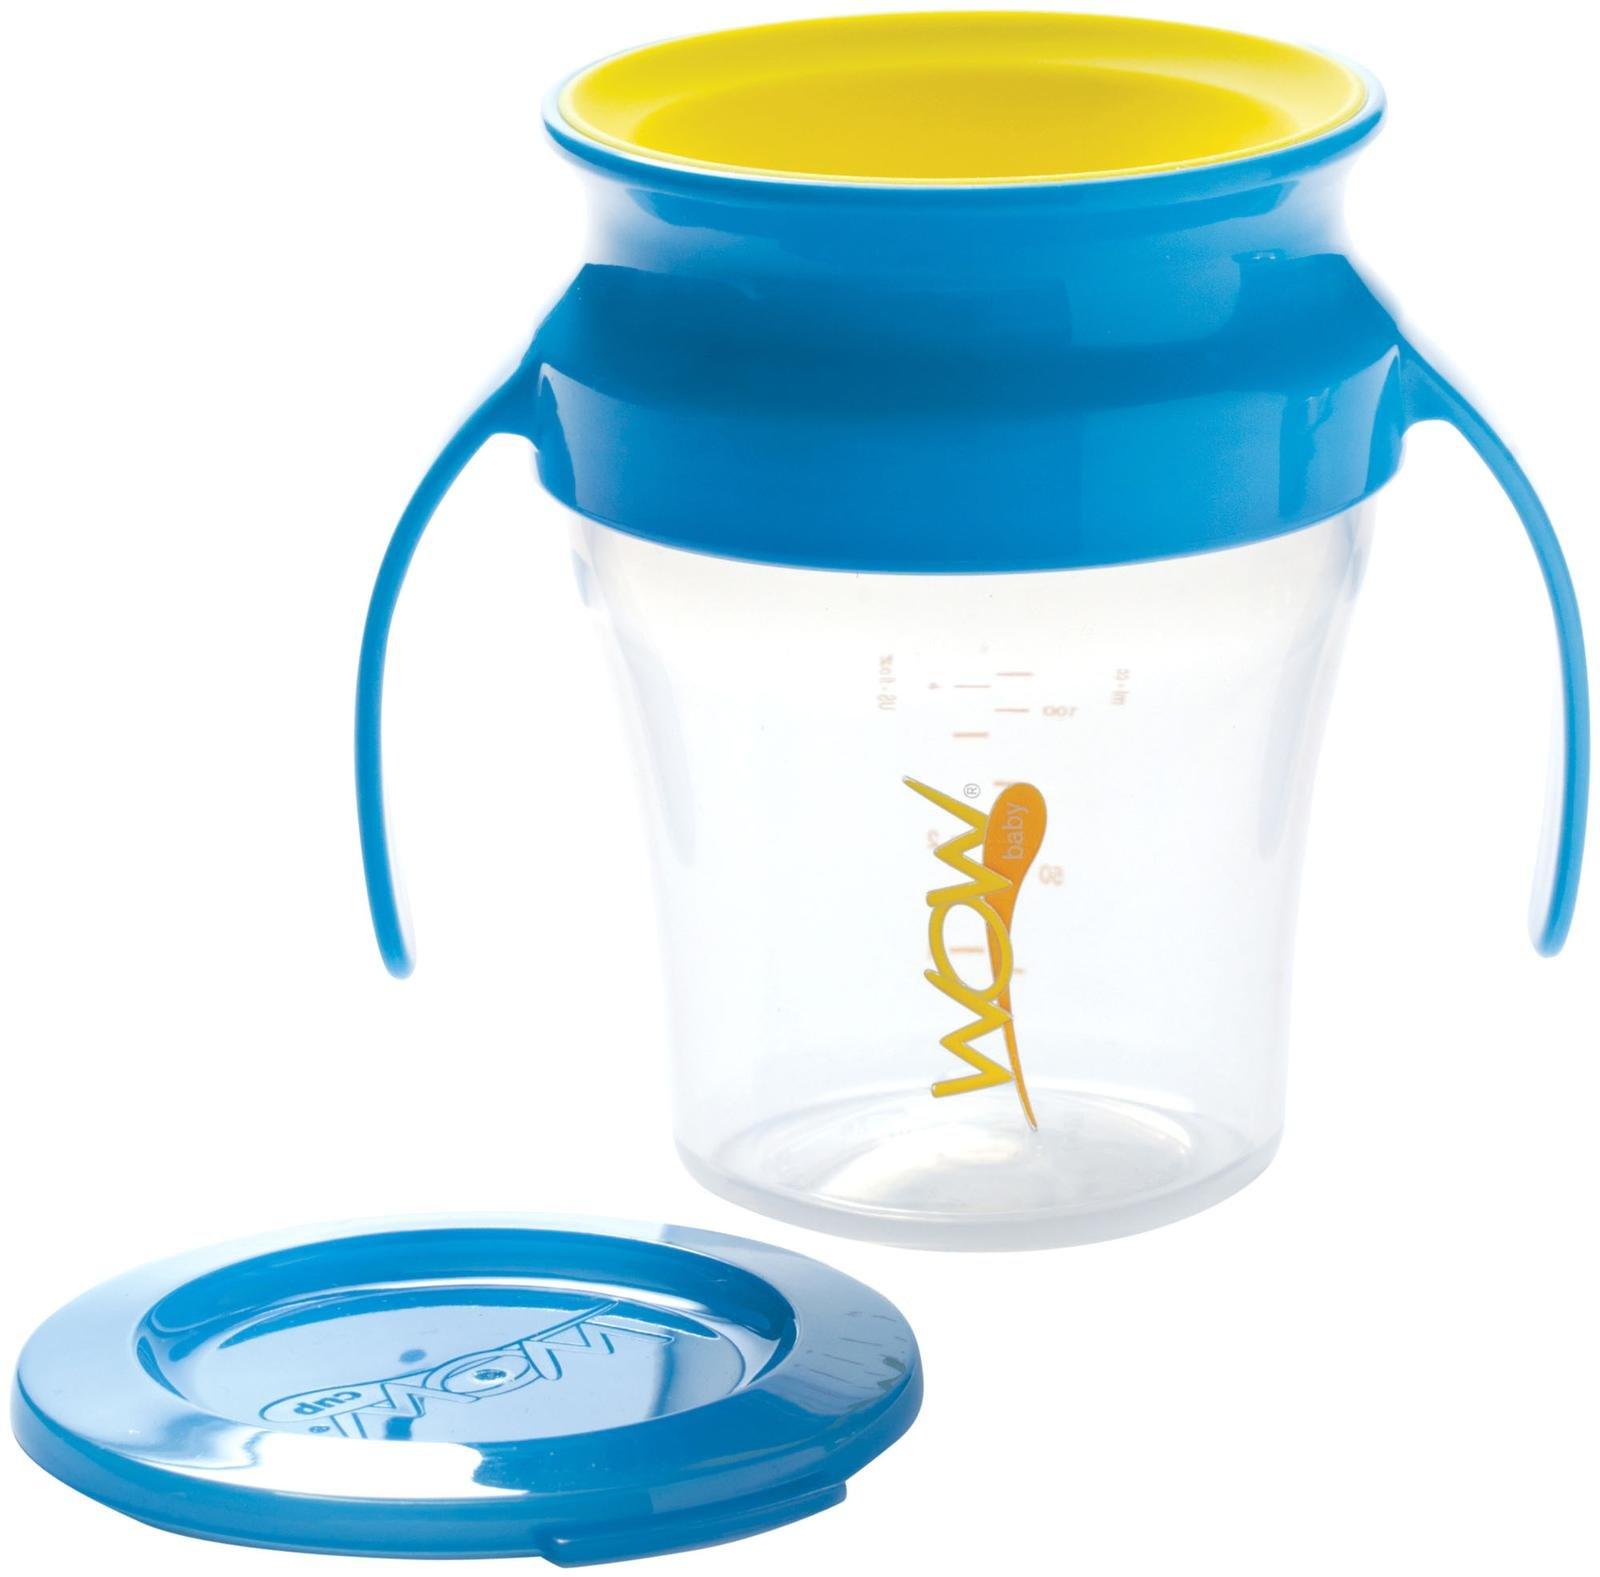 【安琪兒】美國【Wow Baby】360度握把喝水杯+蓋-藍色 0